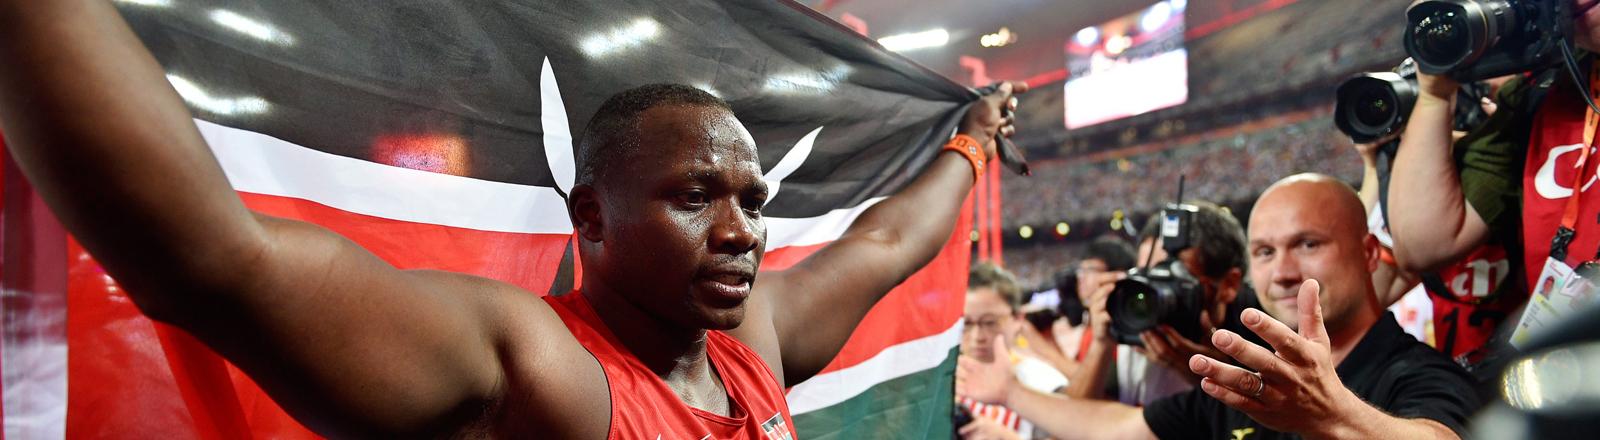 Der Speerwerfer Julis Yego mit der kenianischen Flagge